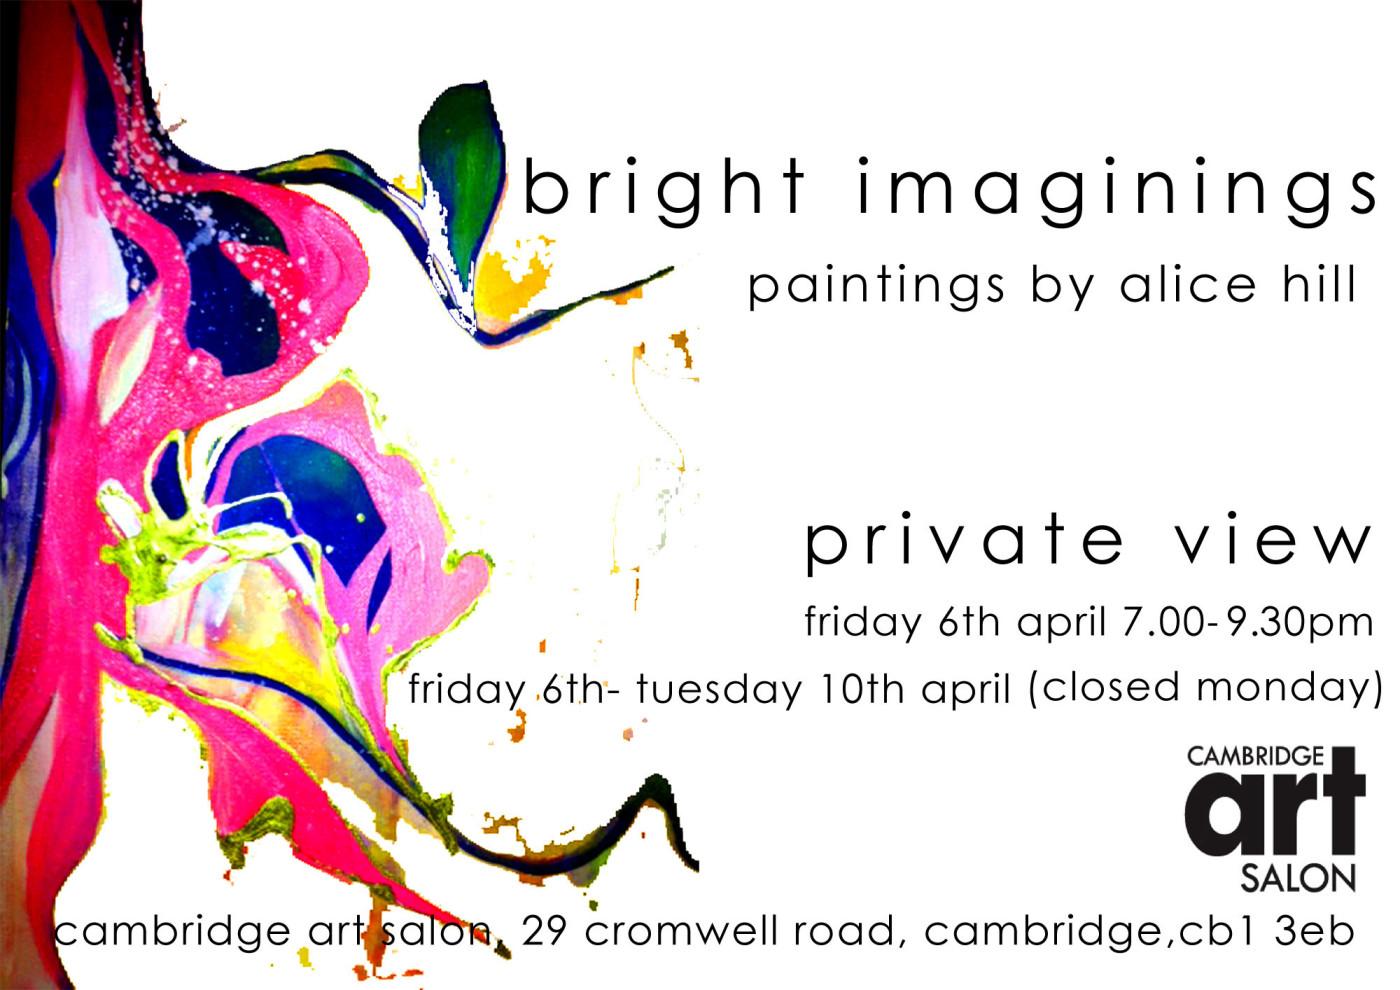 bright imaginings